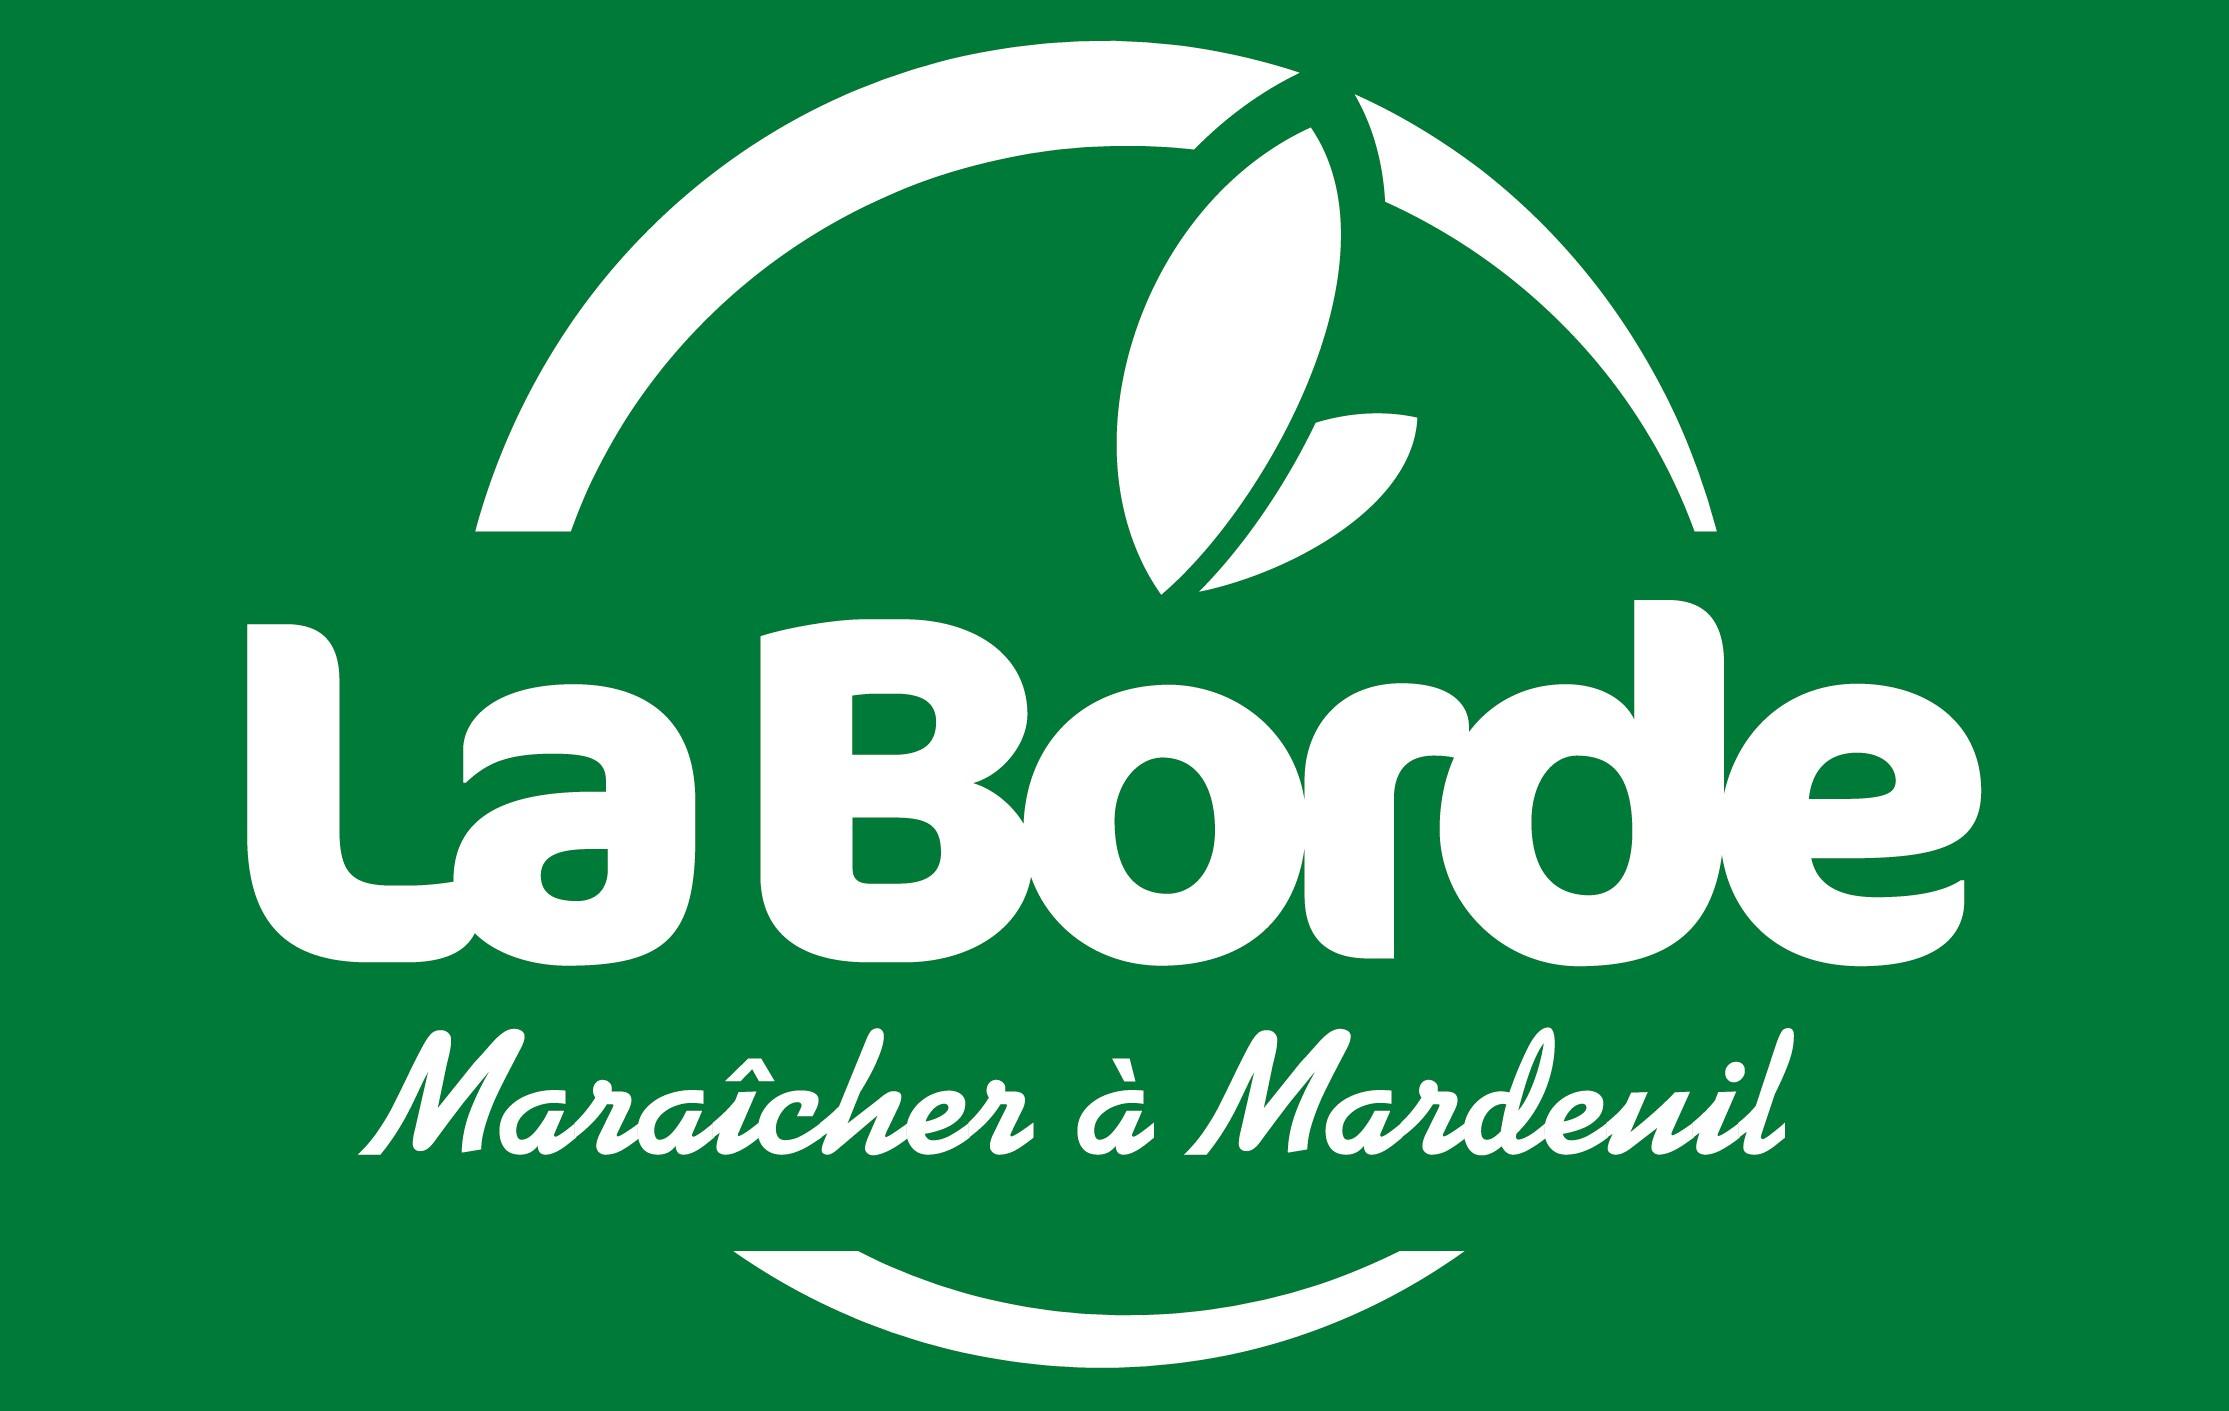 Laborde - Maraîcher à Mardeuil